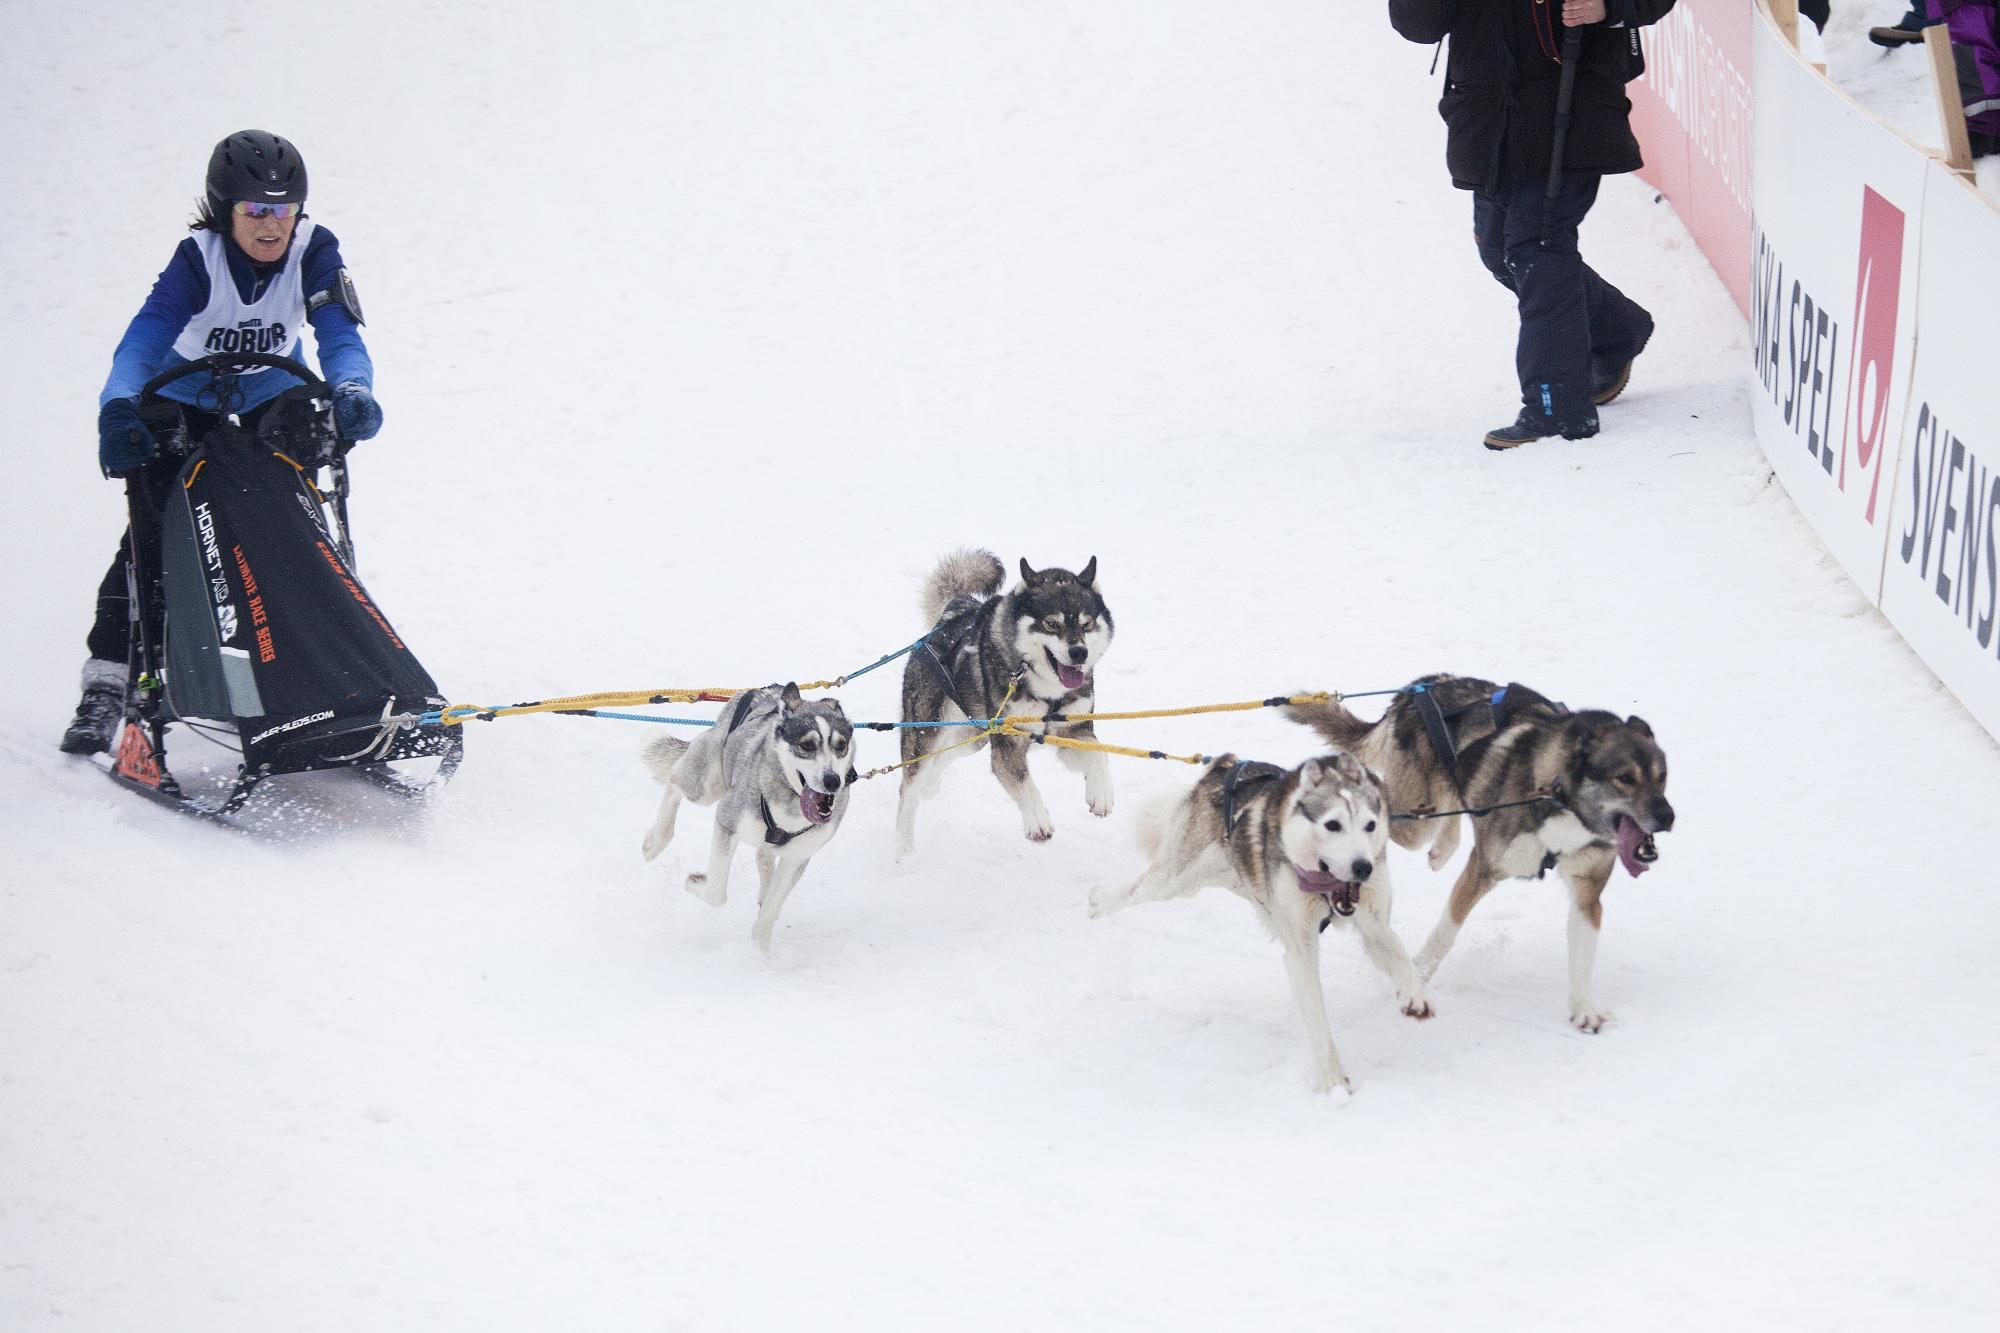 Annika kör oftast 6-spann, men även som här med fyra hundar efter släden.